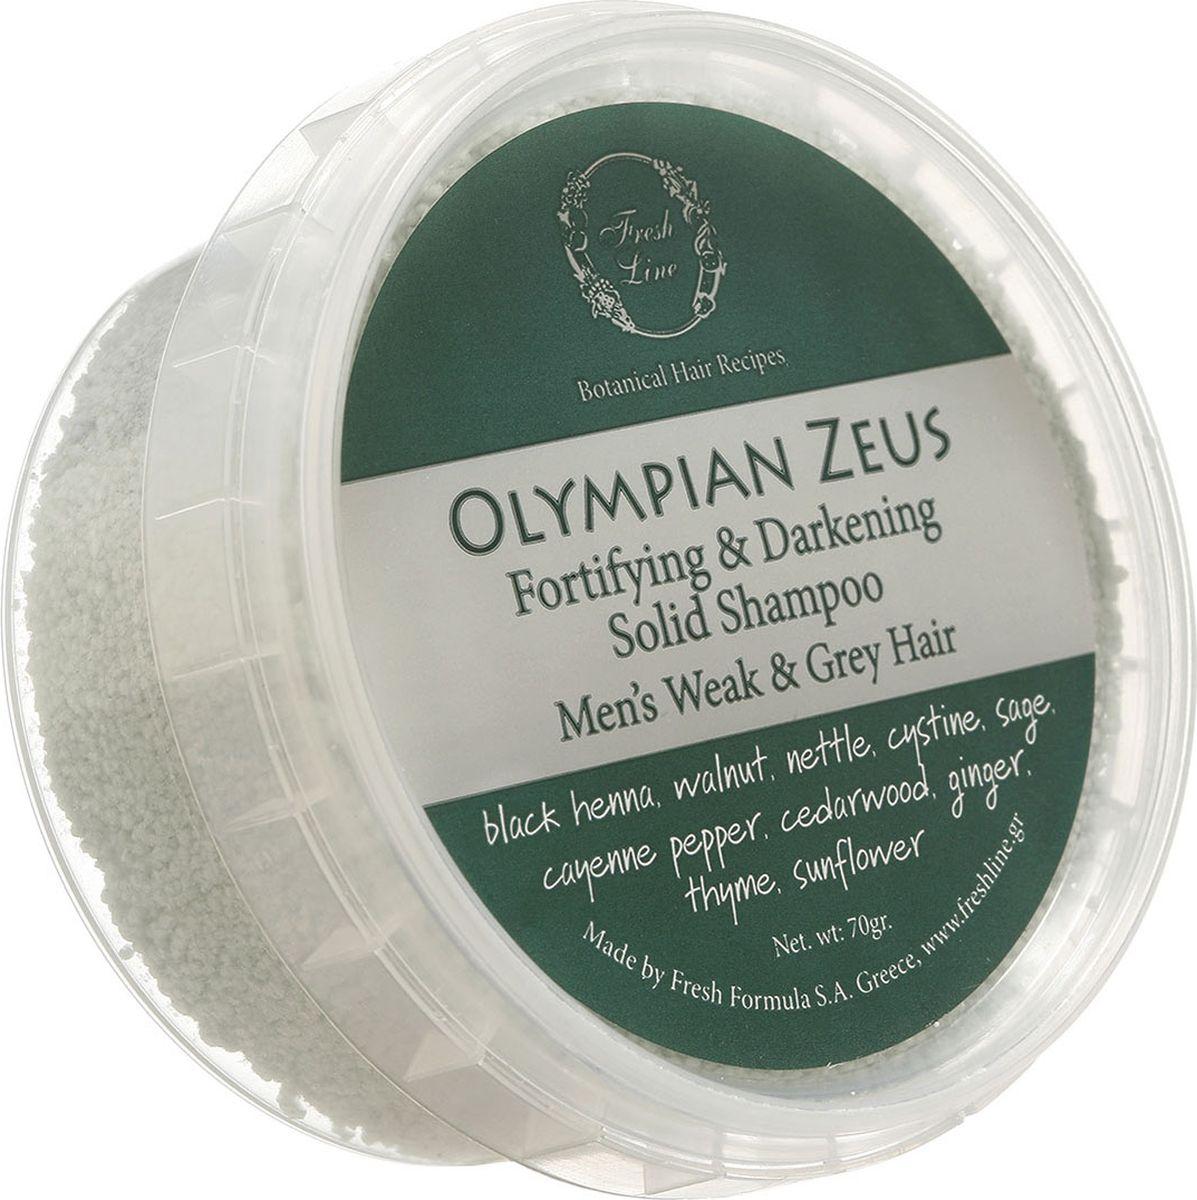 Fresh Line Шампунь твердый для волос укрепляющий для мужчин Олимпийский Зевс, 70 гMP59.4DТвердый укрепляющий шампунь с тонирующим эффектом. Идеально подходит для седых волос, так как содержит черную хну и масло грецкого ореха. Сочетание эфирных масел и растительных экстрактов предотвращает выпадение волос и укрепляет. Не содержат SLS и SLES. В составе натуральный пенящийся компонент из кокоса. Формула обогащена сочетанием многих терапевтических эфирных масел, растительными экстрактами и Д-пантенолом. Основные ингредиенты: Хна, крапива, грецкий орех, кедр, шалфей, тимьян, имбирь, кайенский перец.